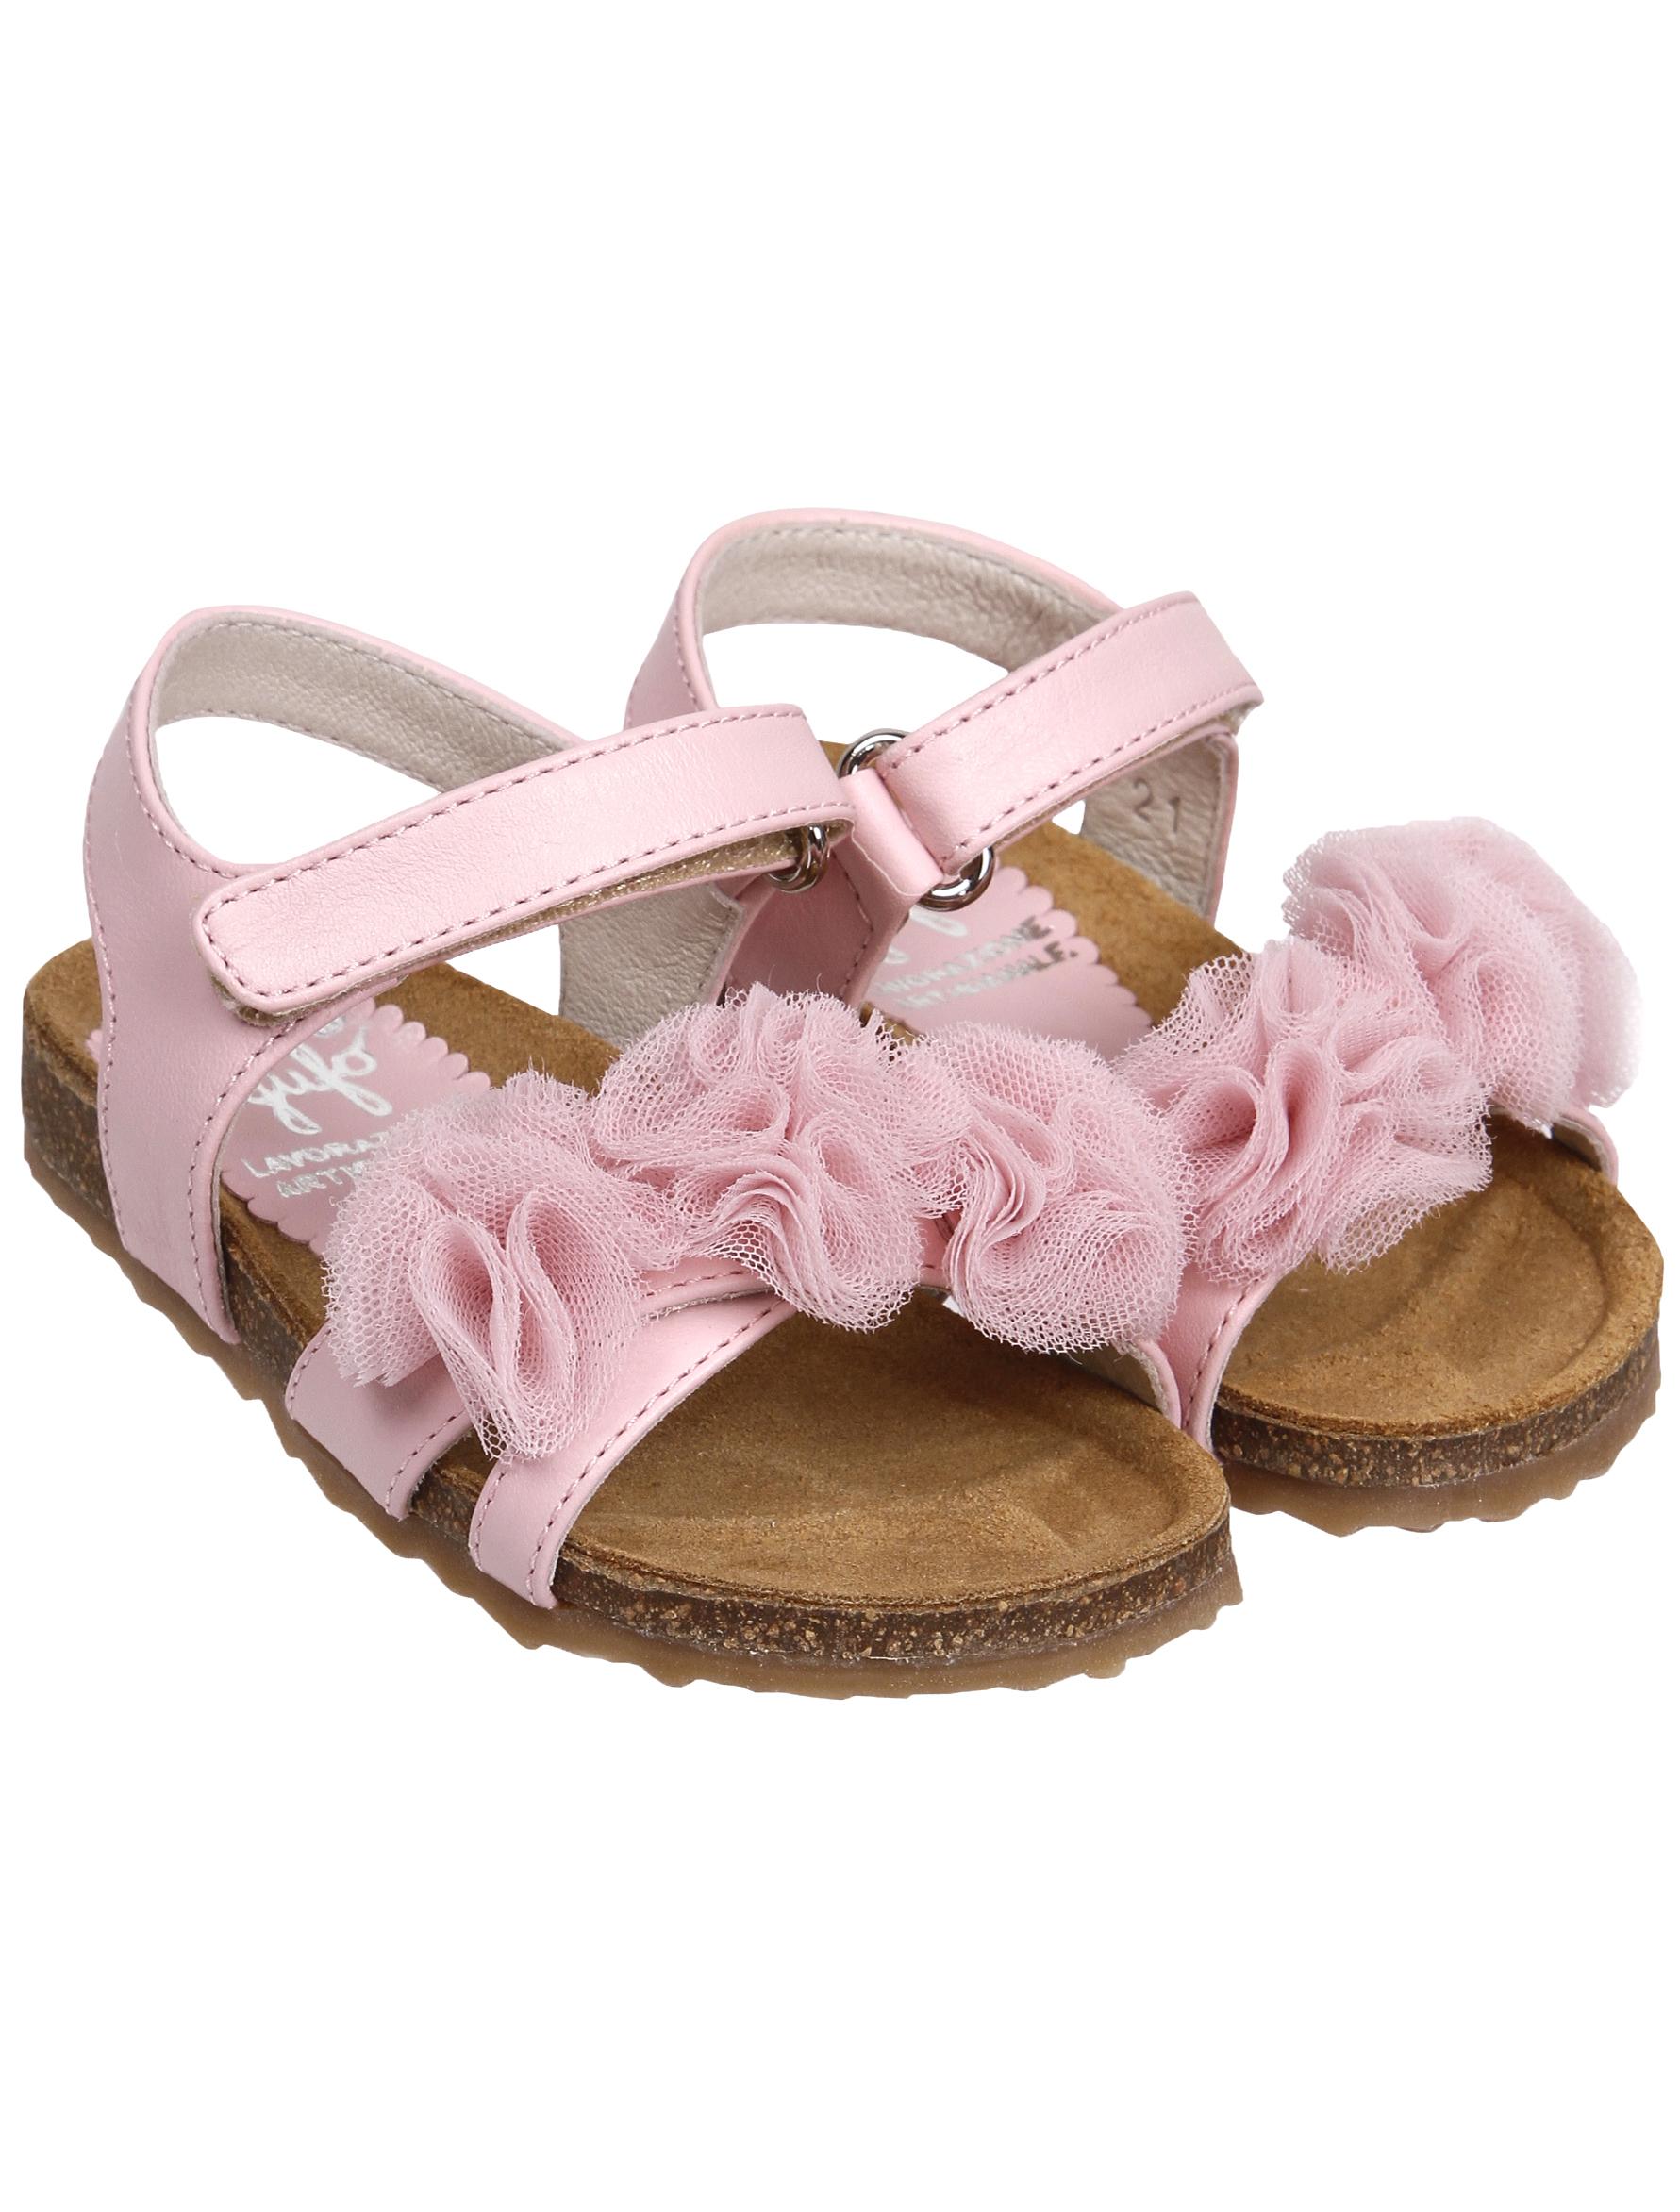 Купить 1952977, Босоножки Il Gufo, розовый, Женский, 2162609970431